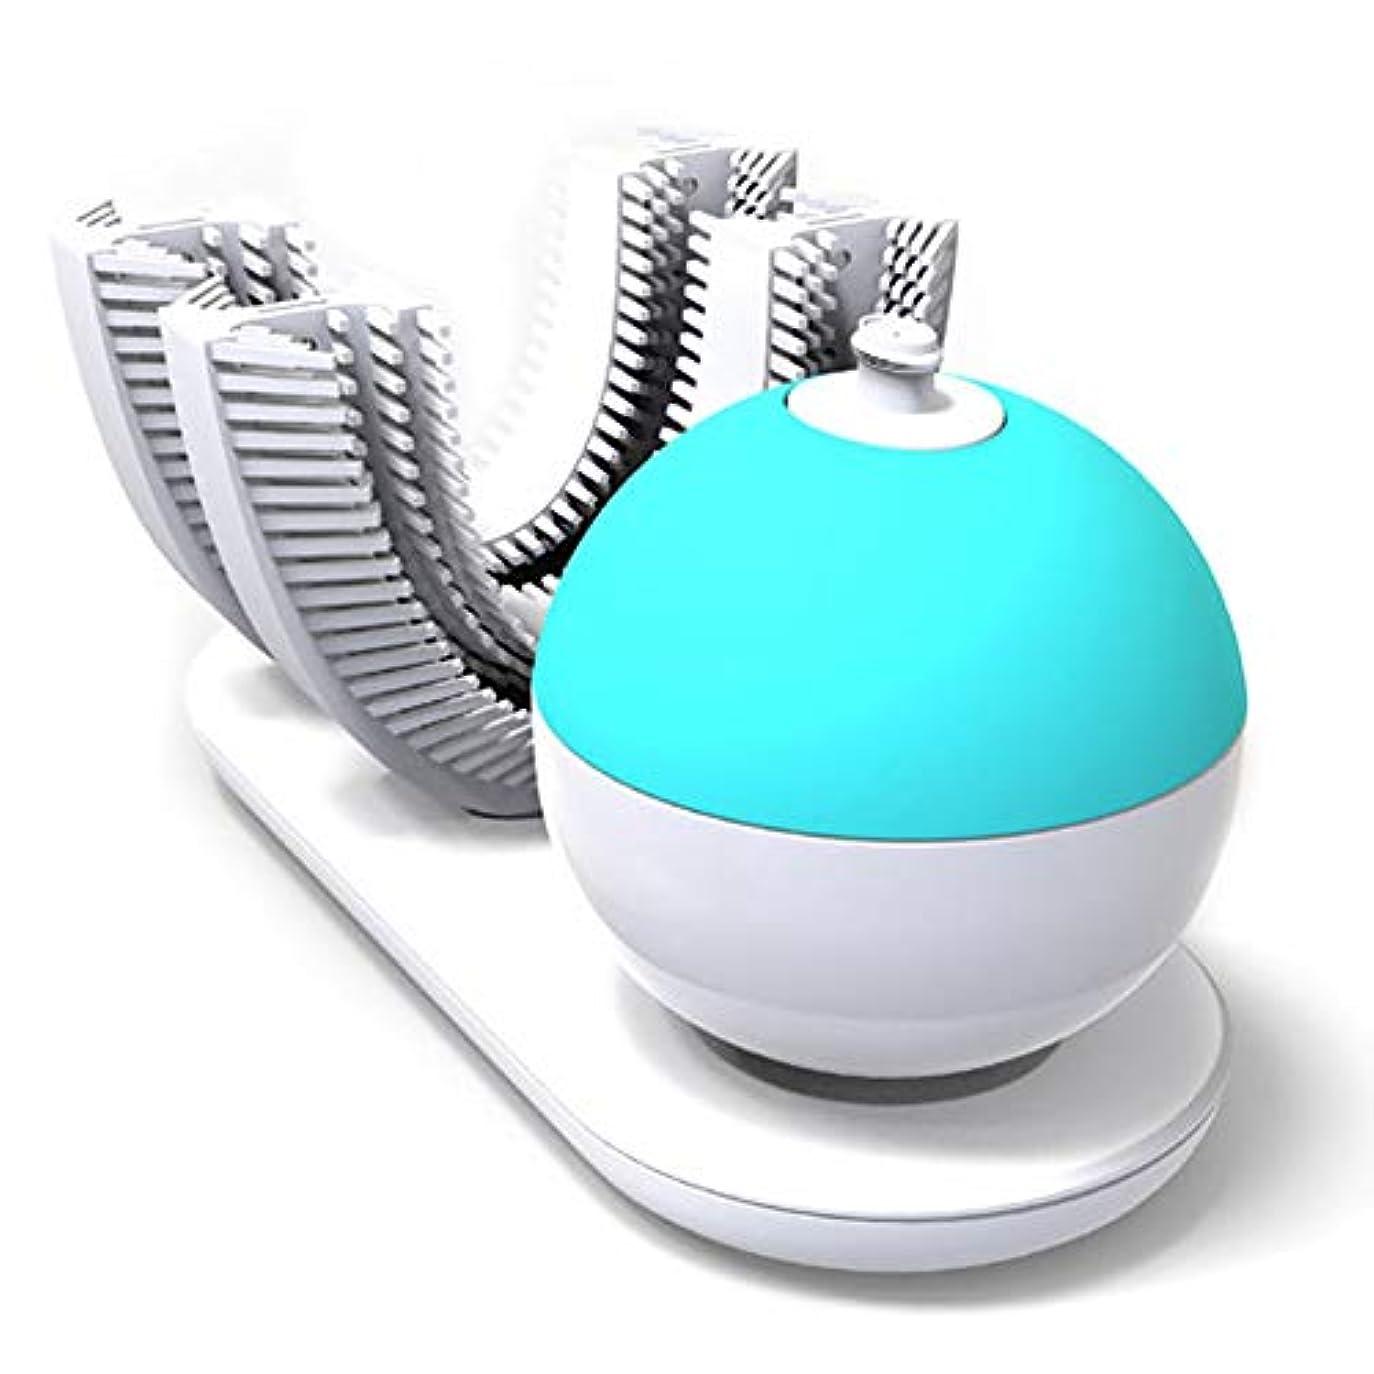 保有者均等に小麦フルオートマチック可変周波数電動歯ブラシ、自動360度U字型電動歯ブラシ、ワイヤレス充電IPX7防水自動歯ブラシ(大人用)